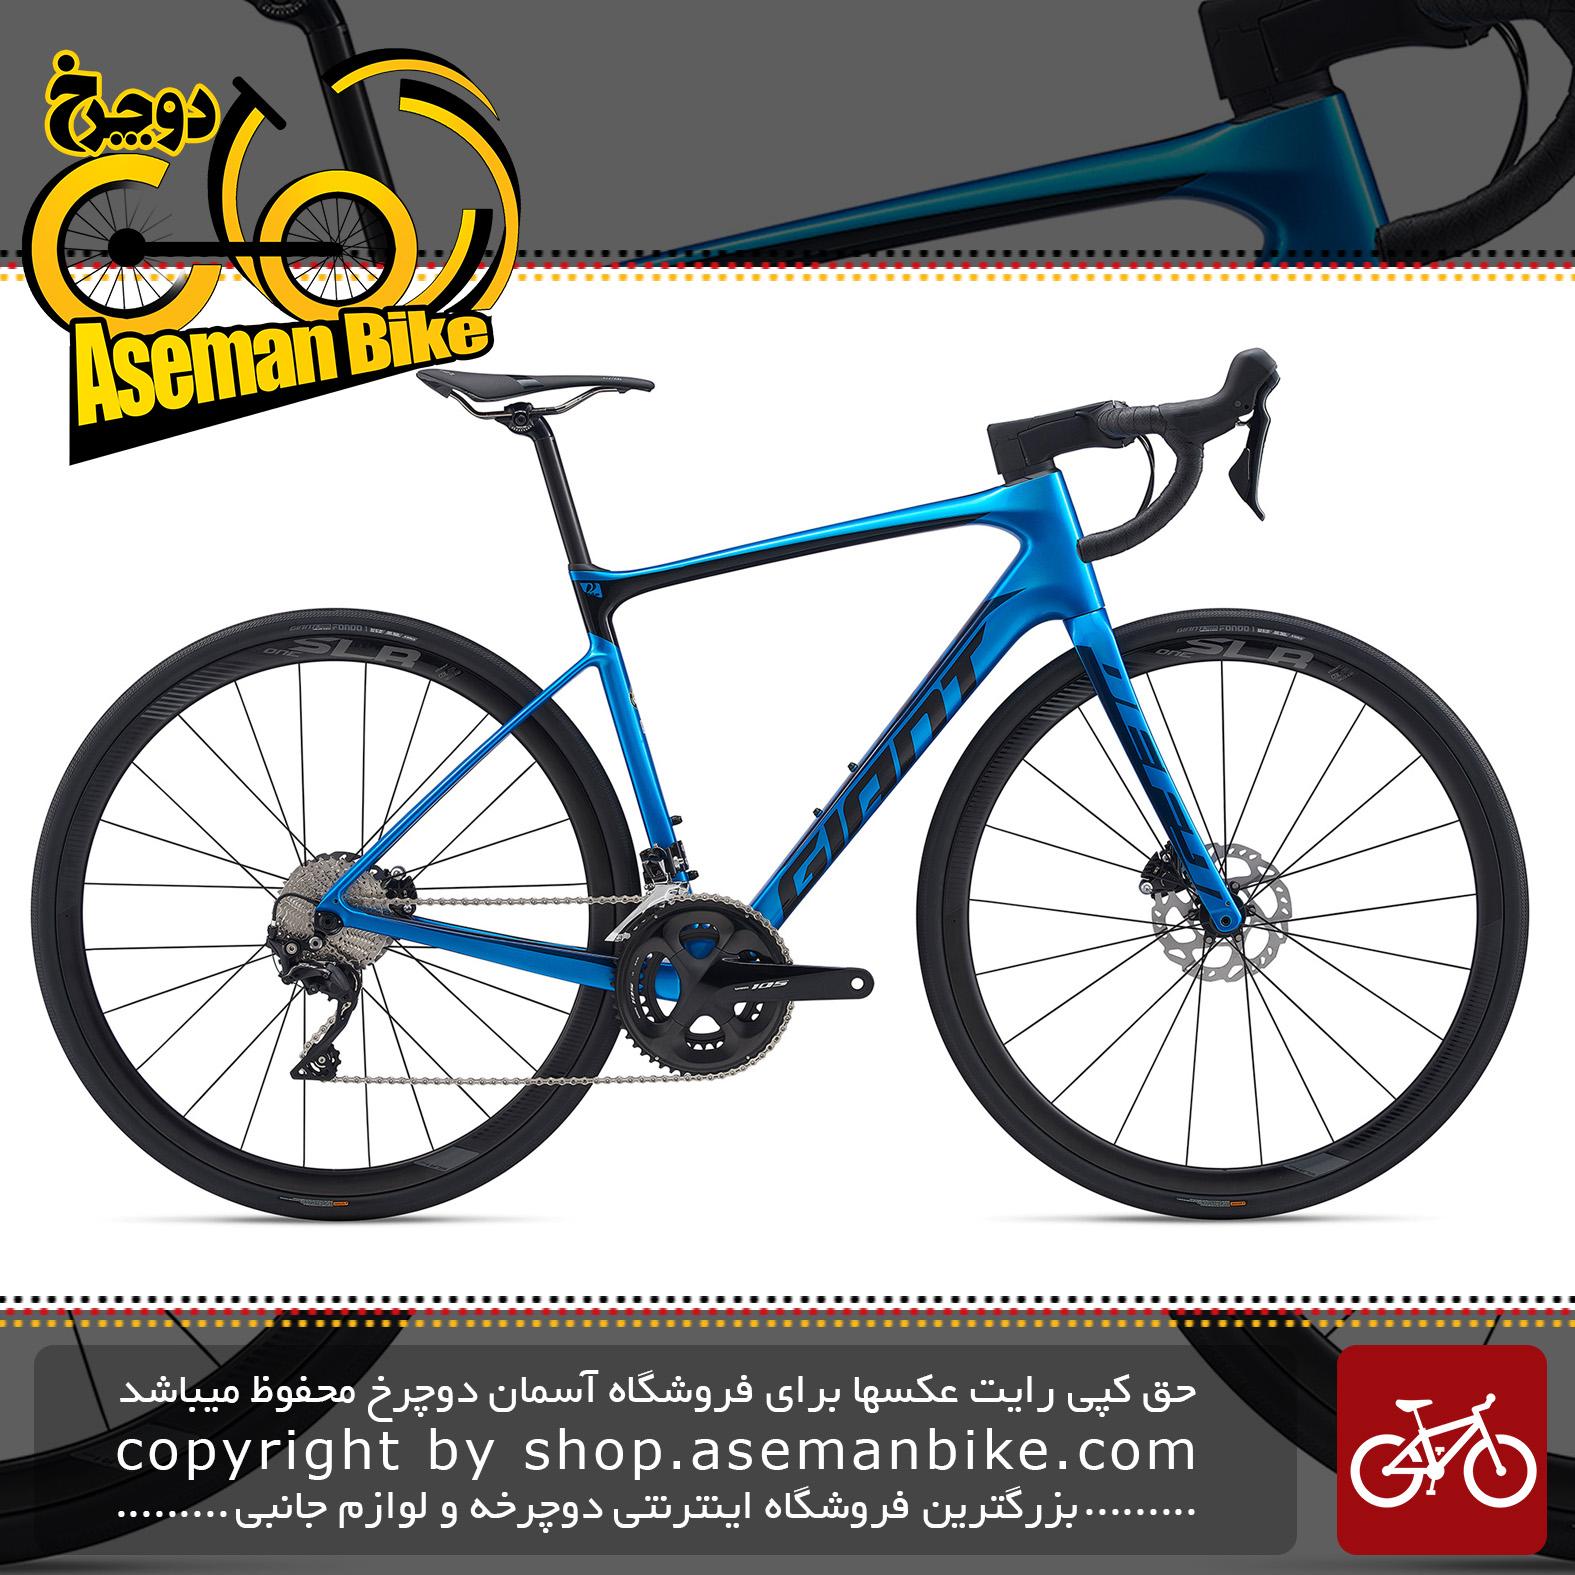 دوچرخه کورسی جاده جاینت مدل دیفای ادونس پرو 3 2 2020 Giant Road Bicycle Defy Advanced Pro 3 2020